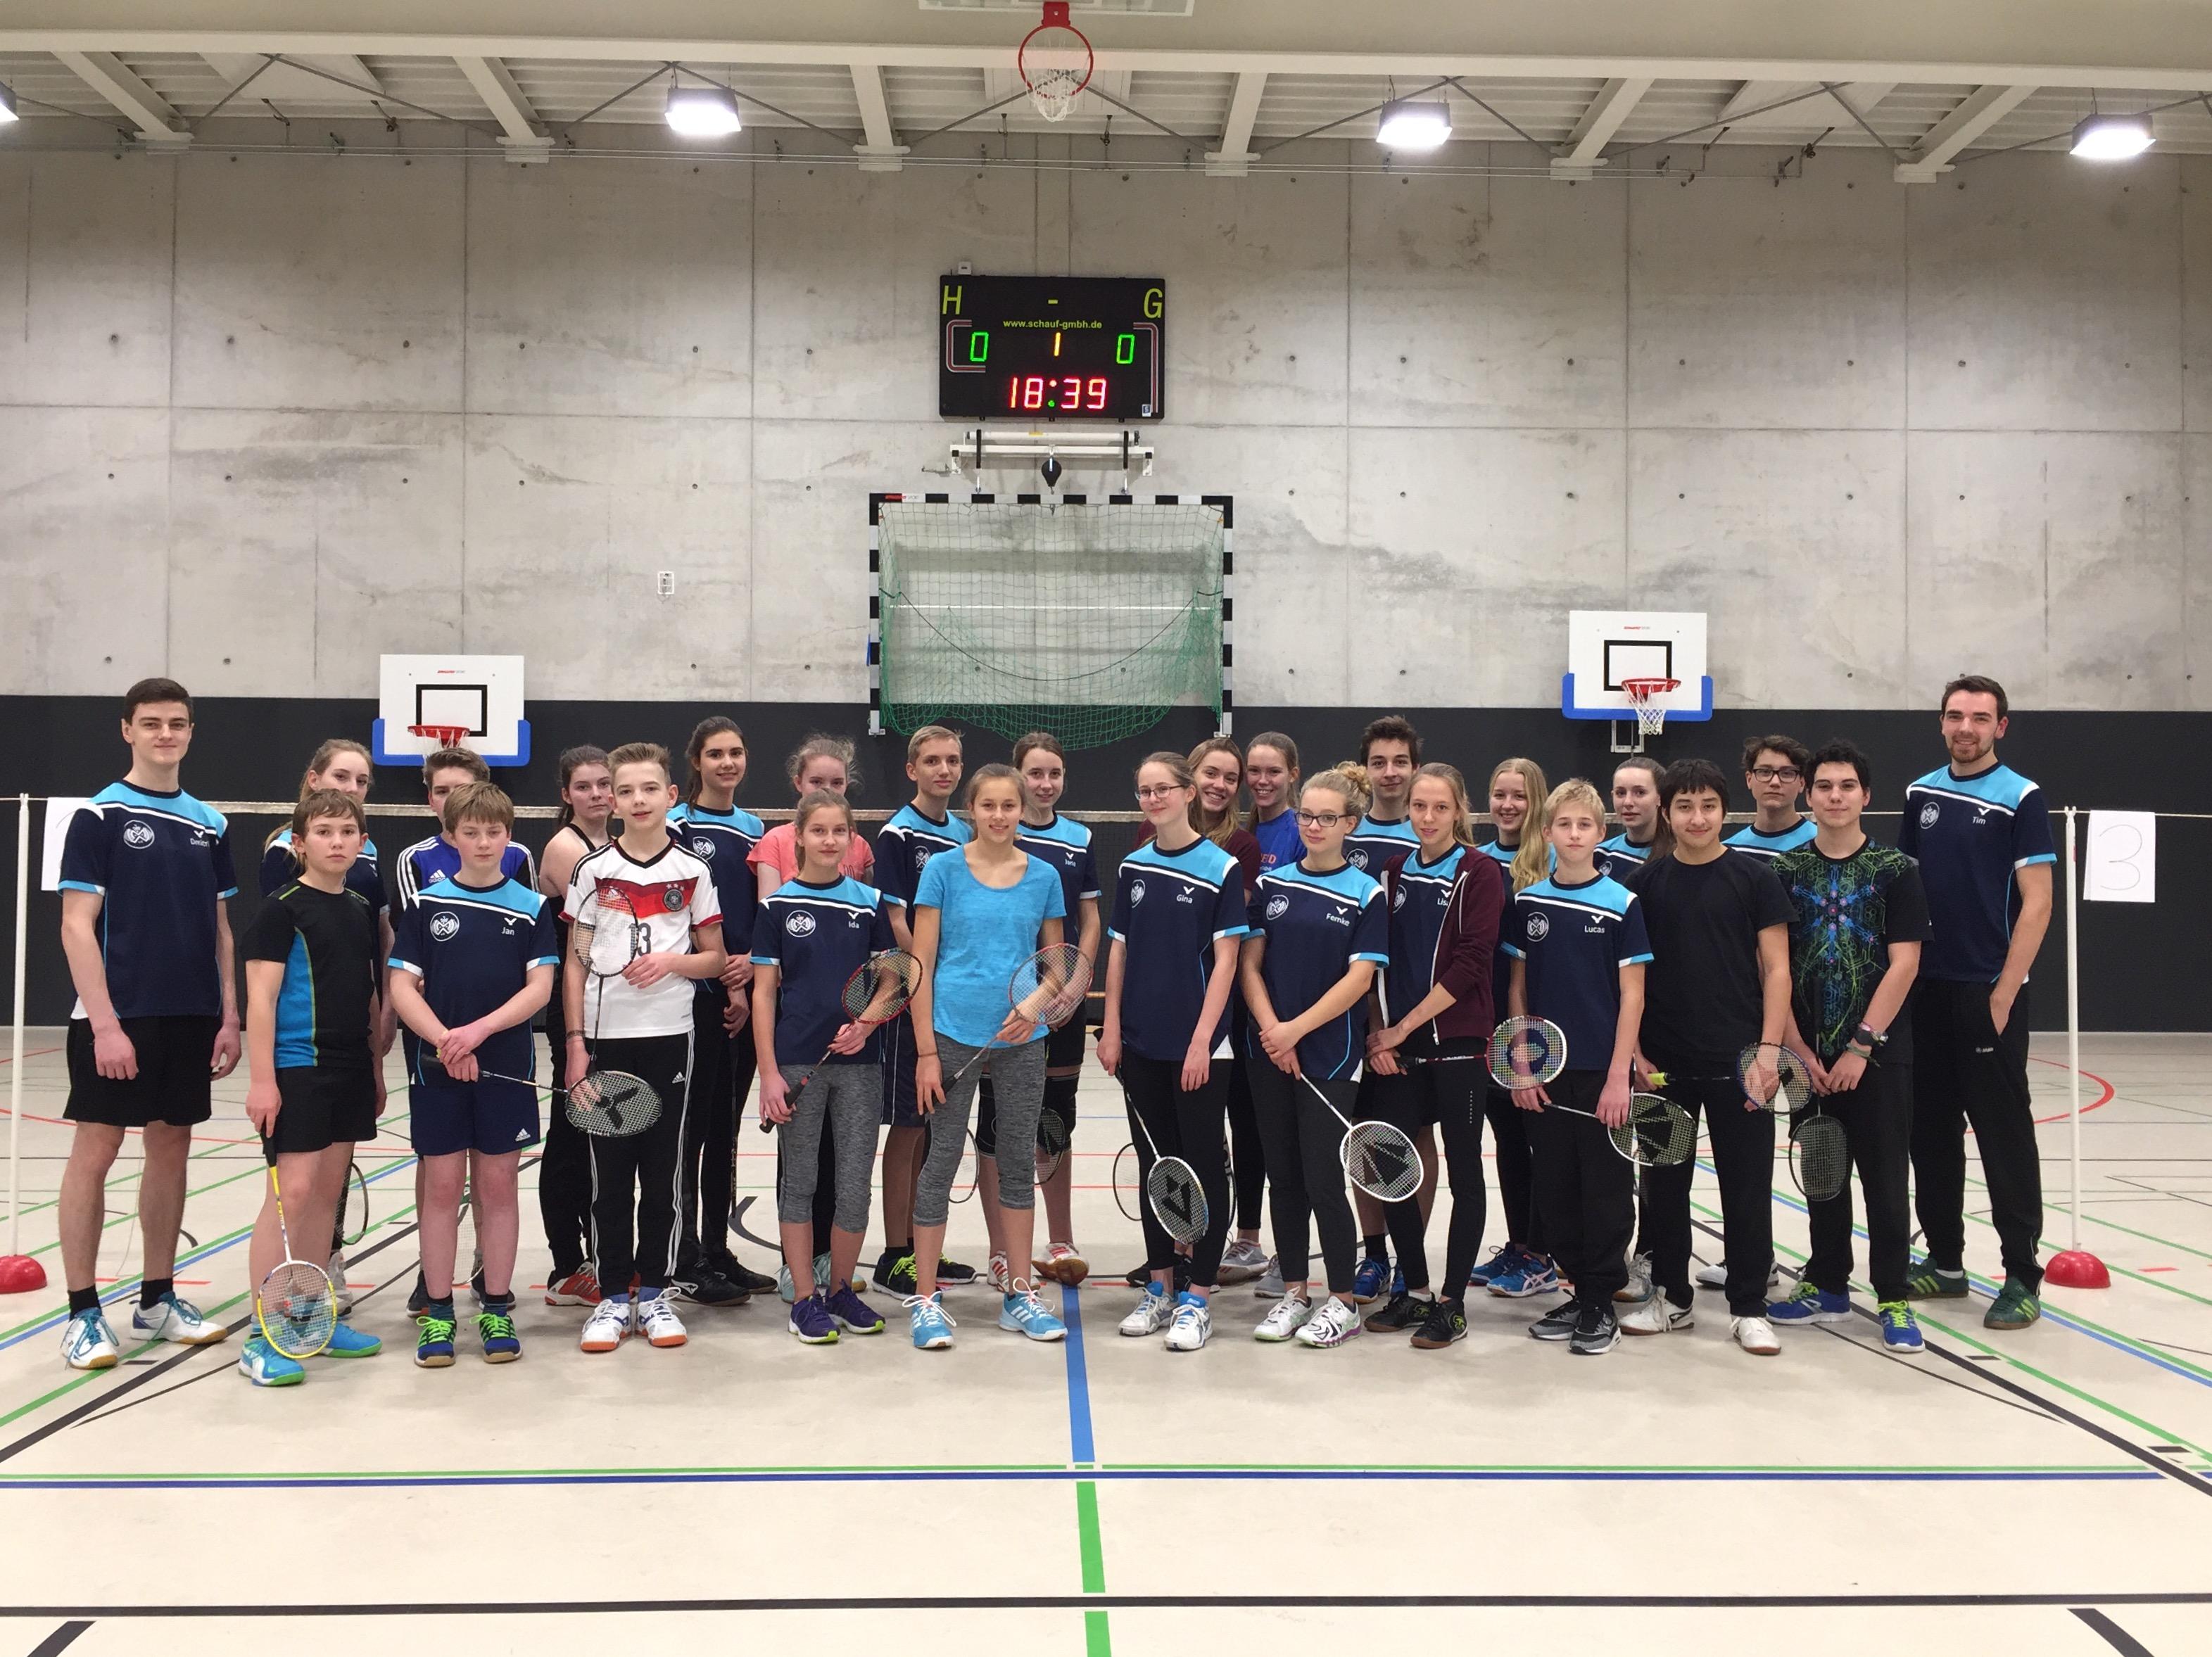 Badminton-Jugend feiert 6-jähriges Bestehen